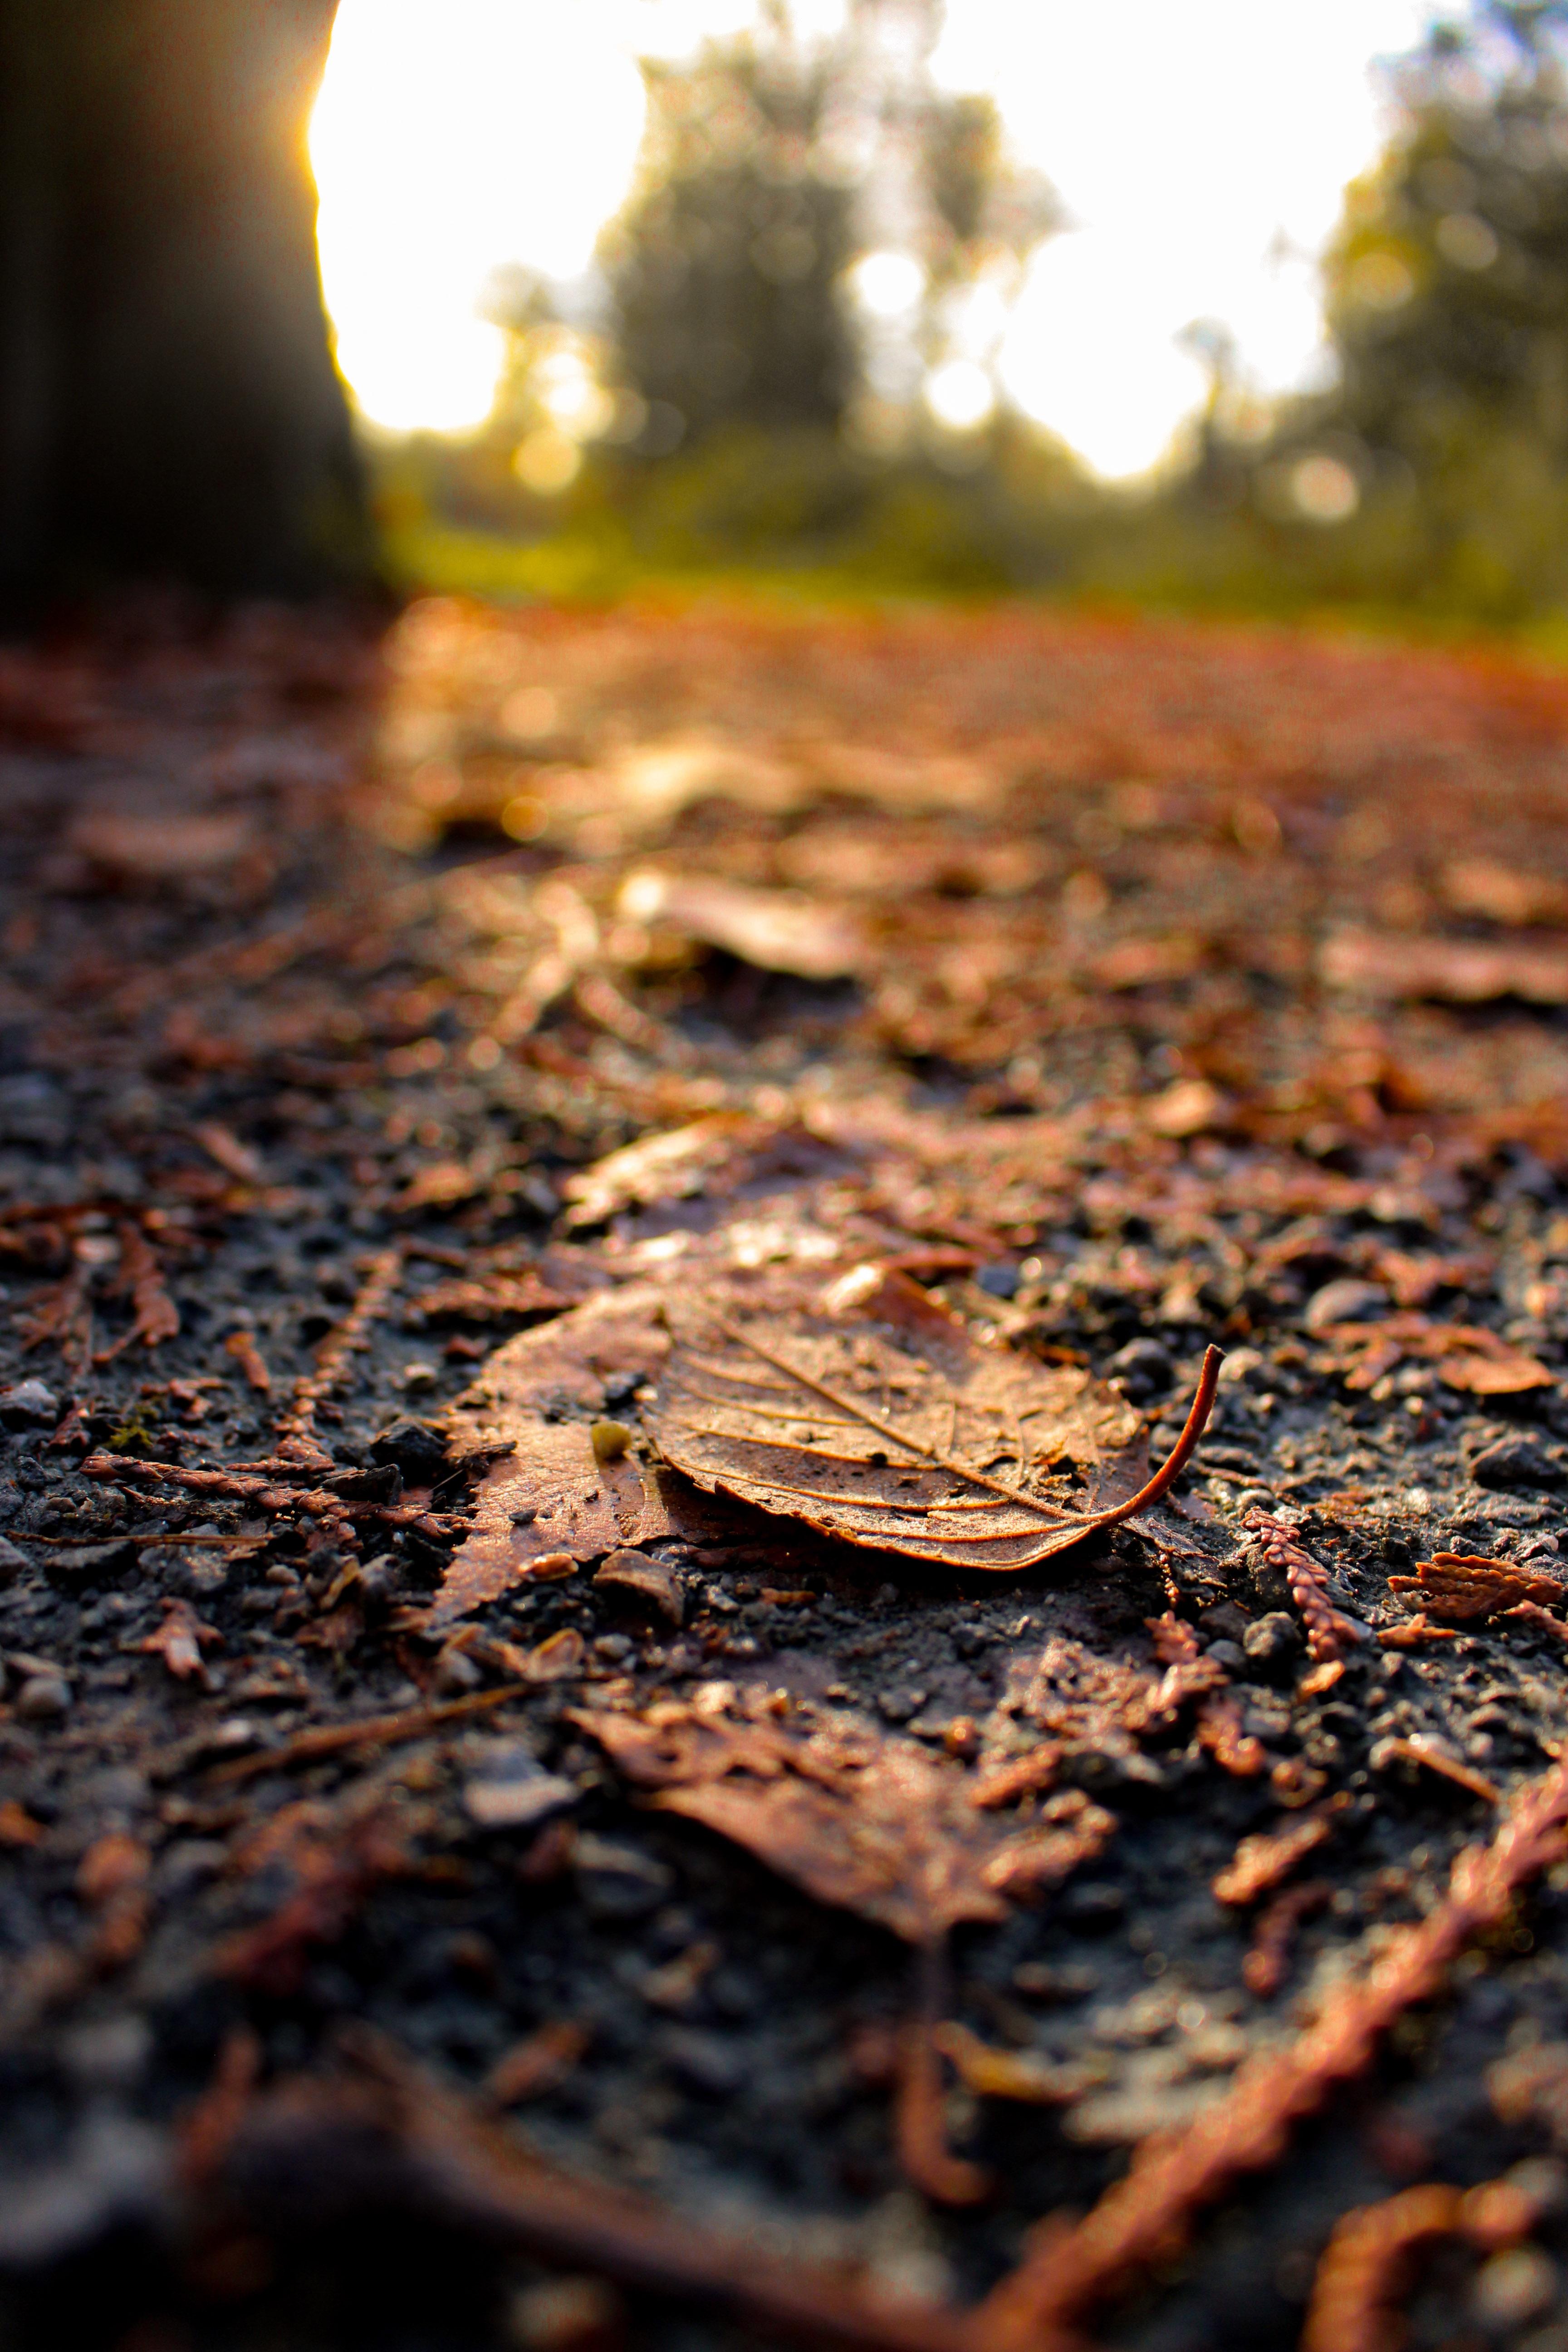 Gambar Pemandangan Pohon Alam Hutan Outdoor Cahaya Menanam Matahari Terbenam Sinar